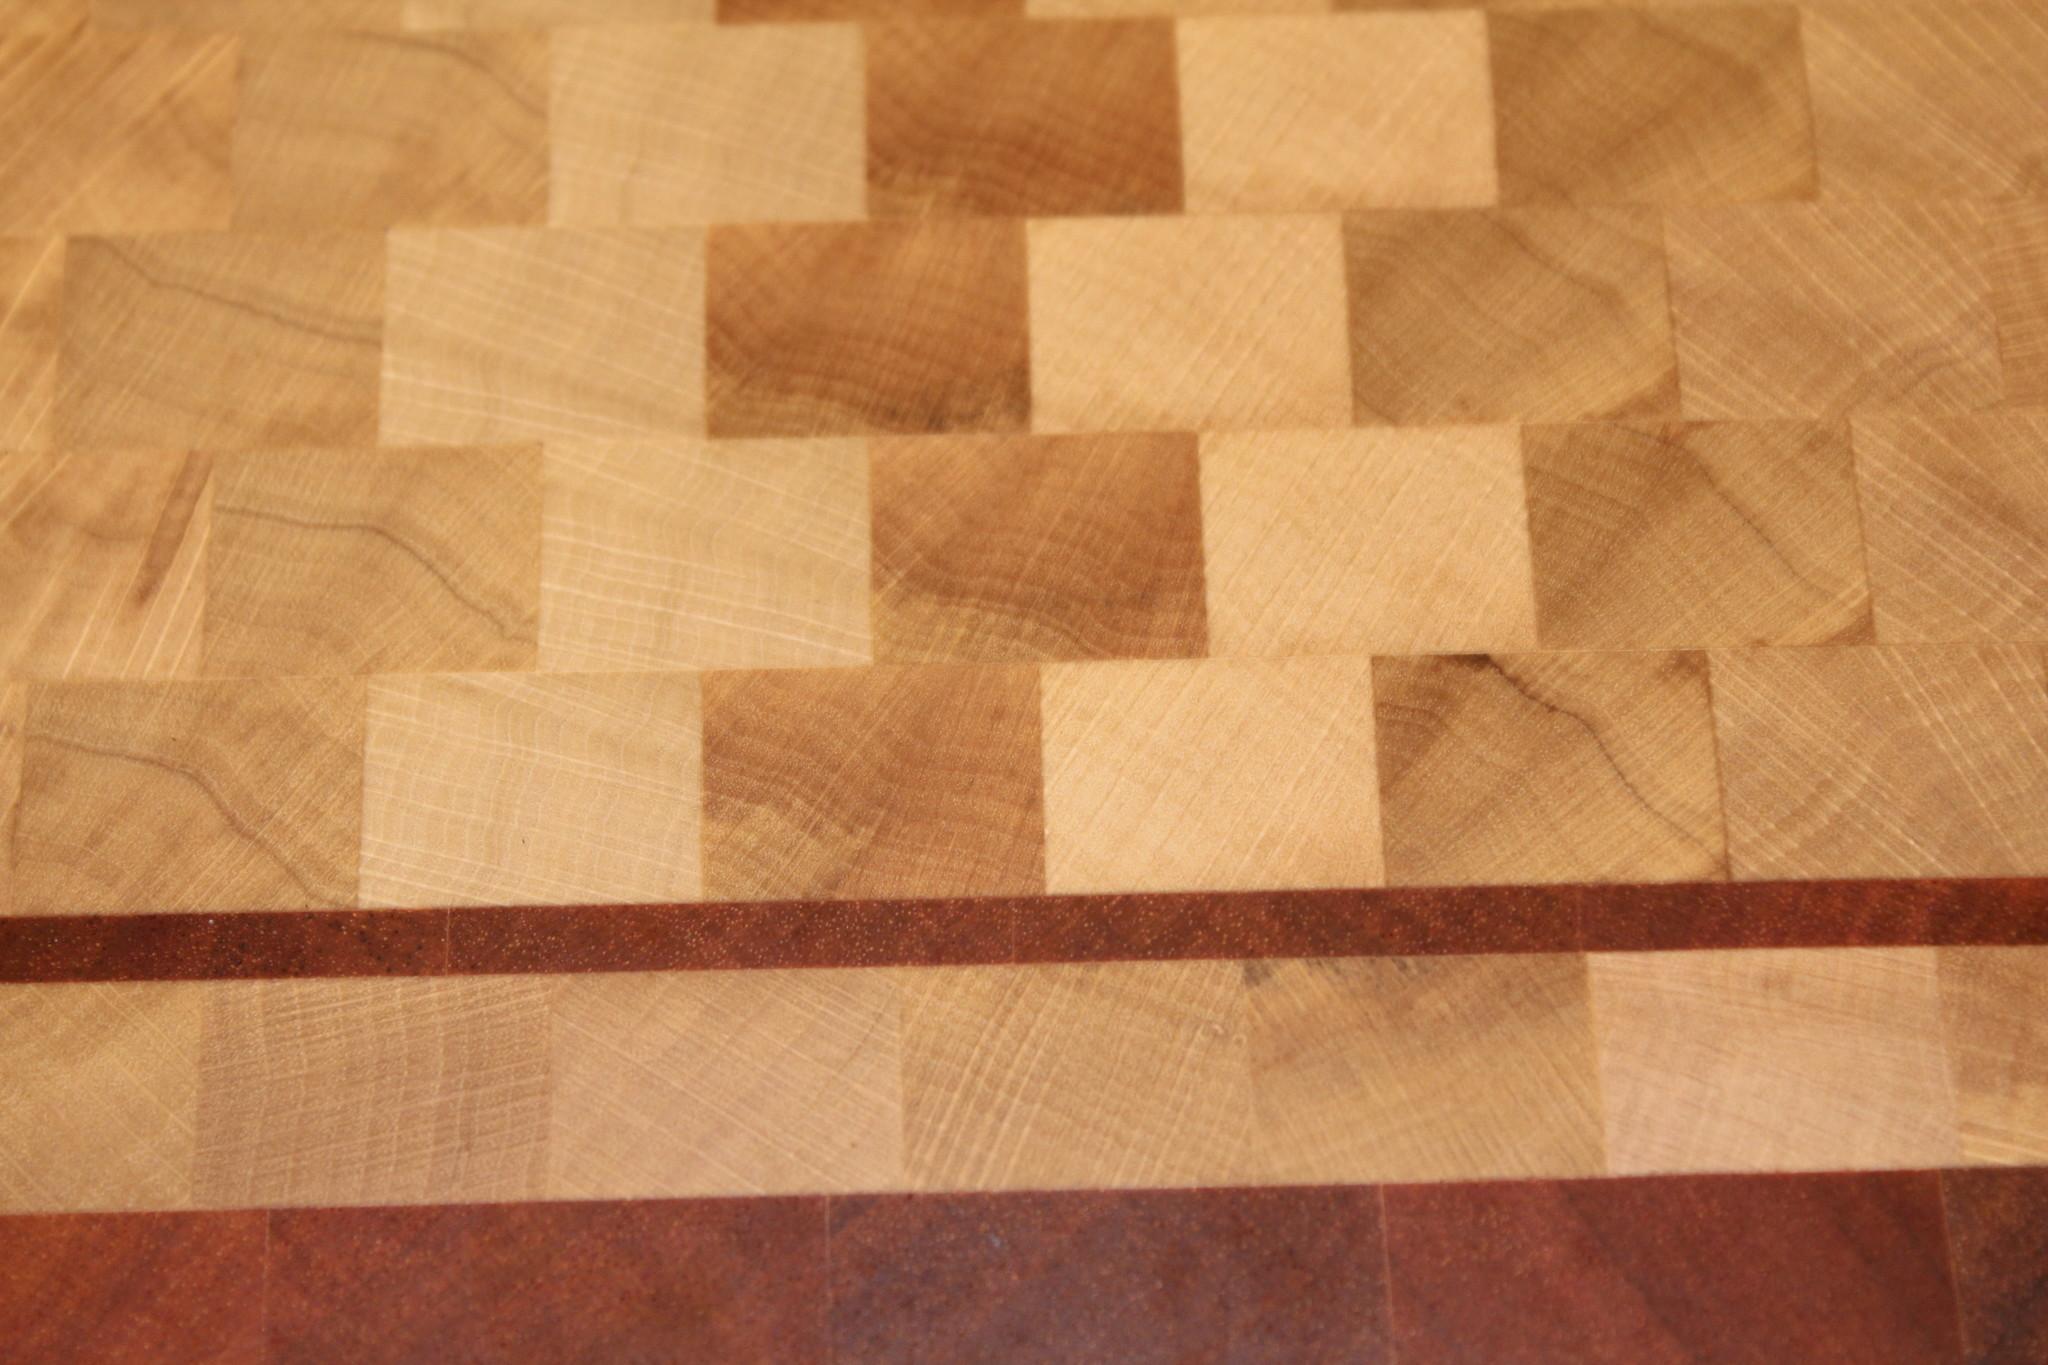 kopshouten snijplank van haagbeuk met een bies en kader van tijgerhout